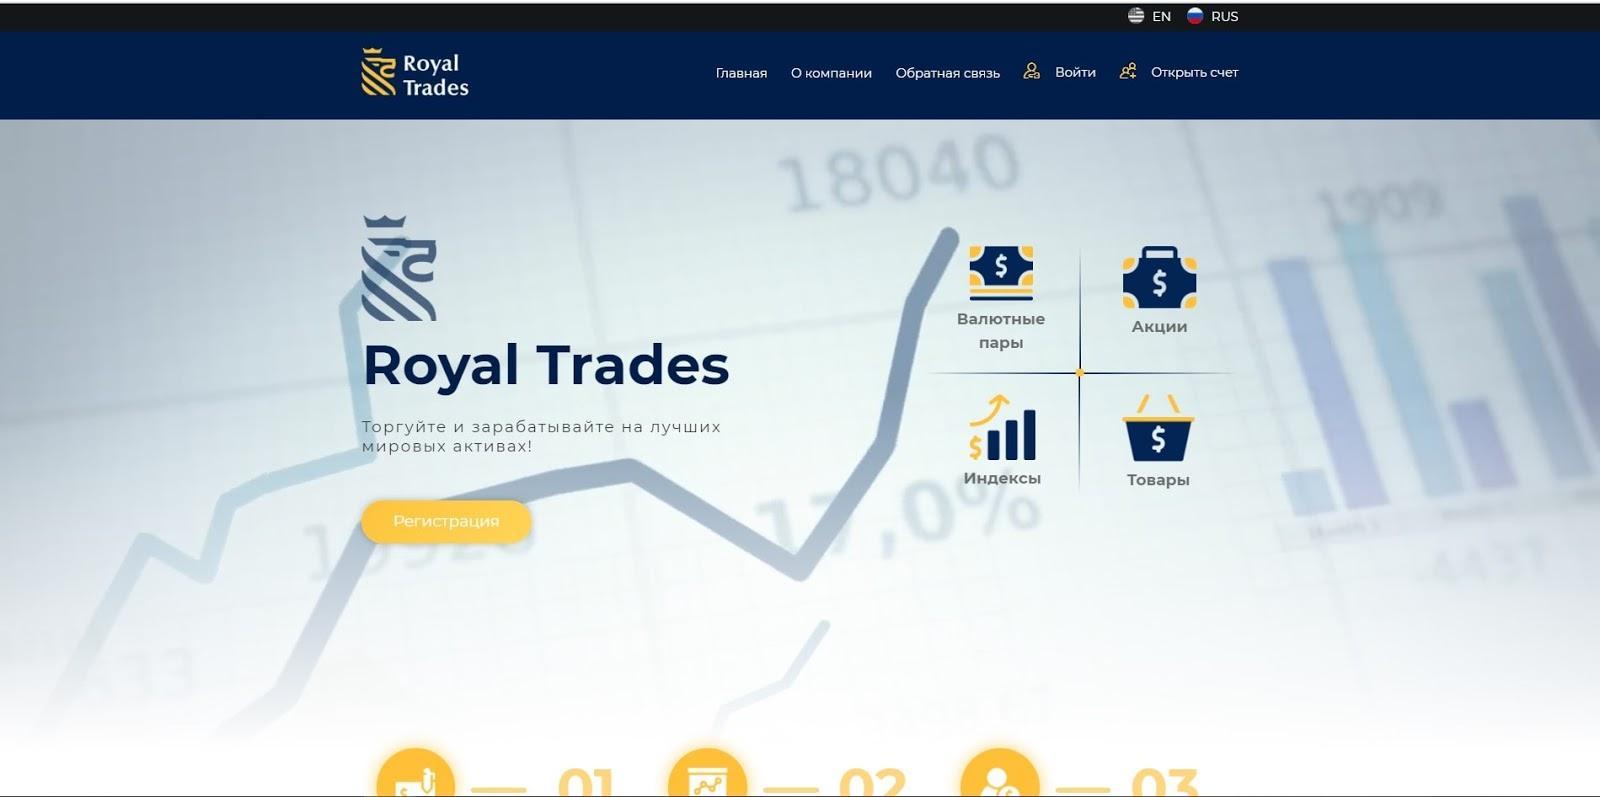 Отзывы о Royal Trades: можно ли сотрудничать? реальные отзывы